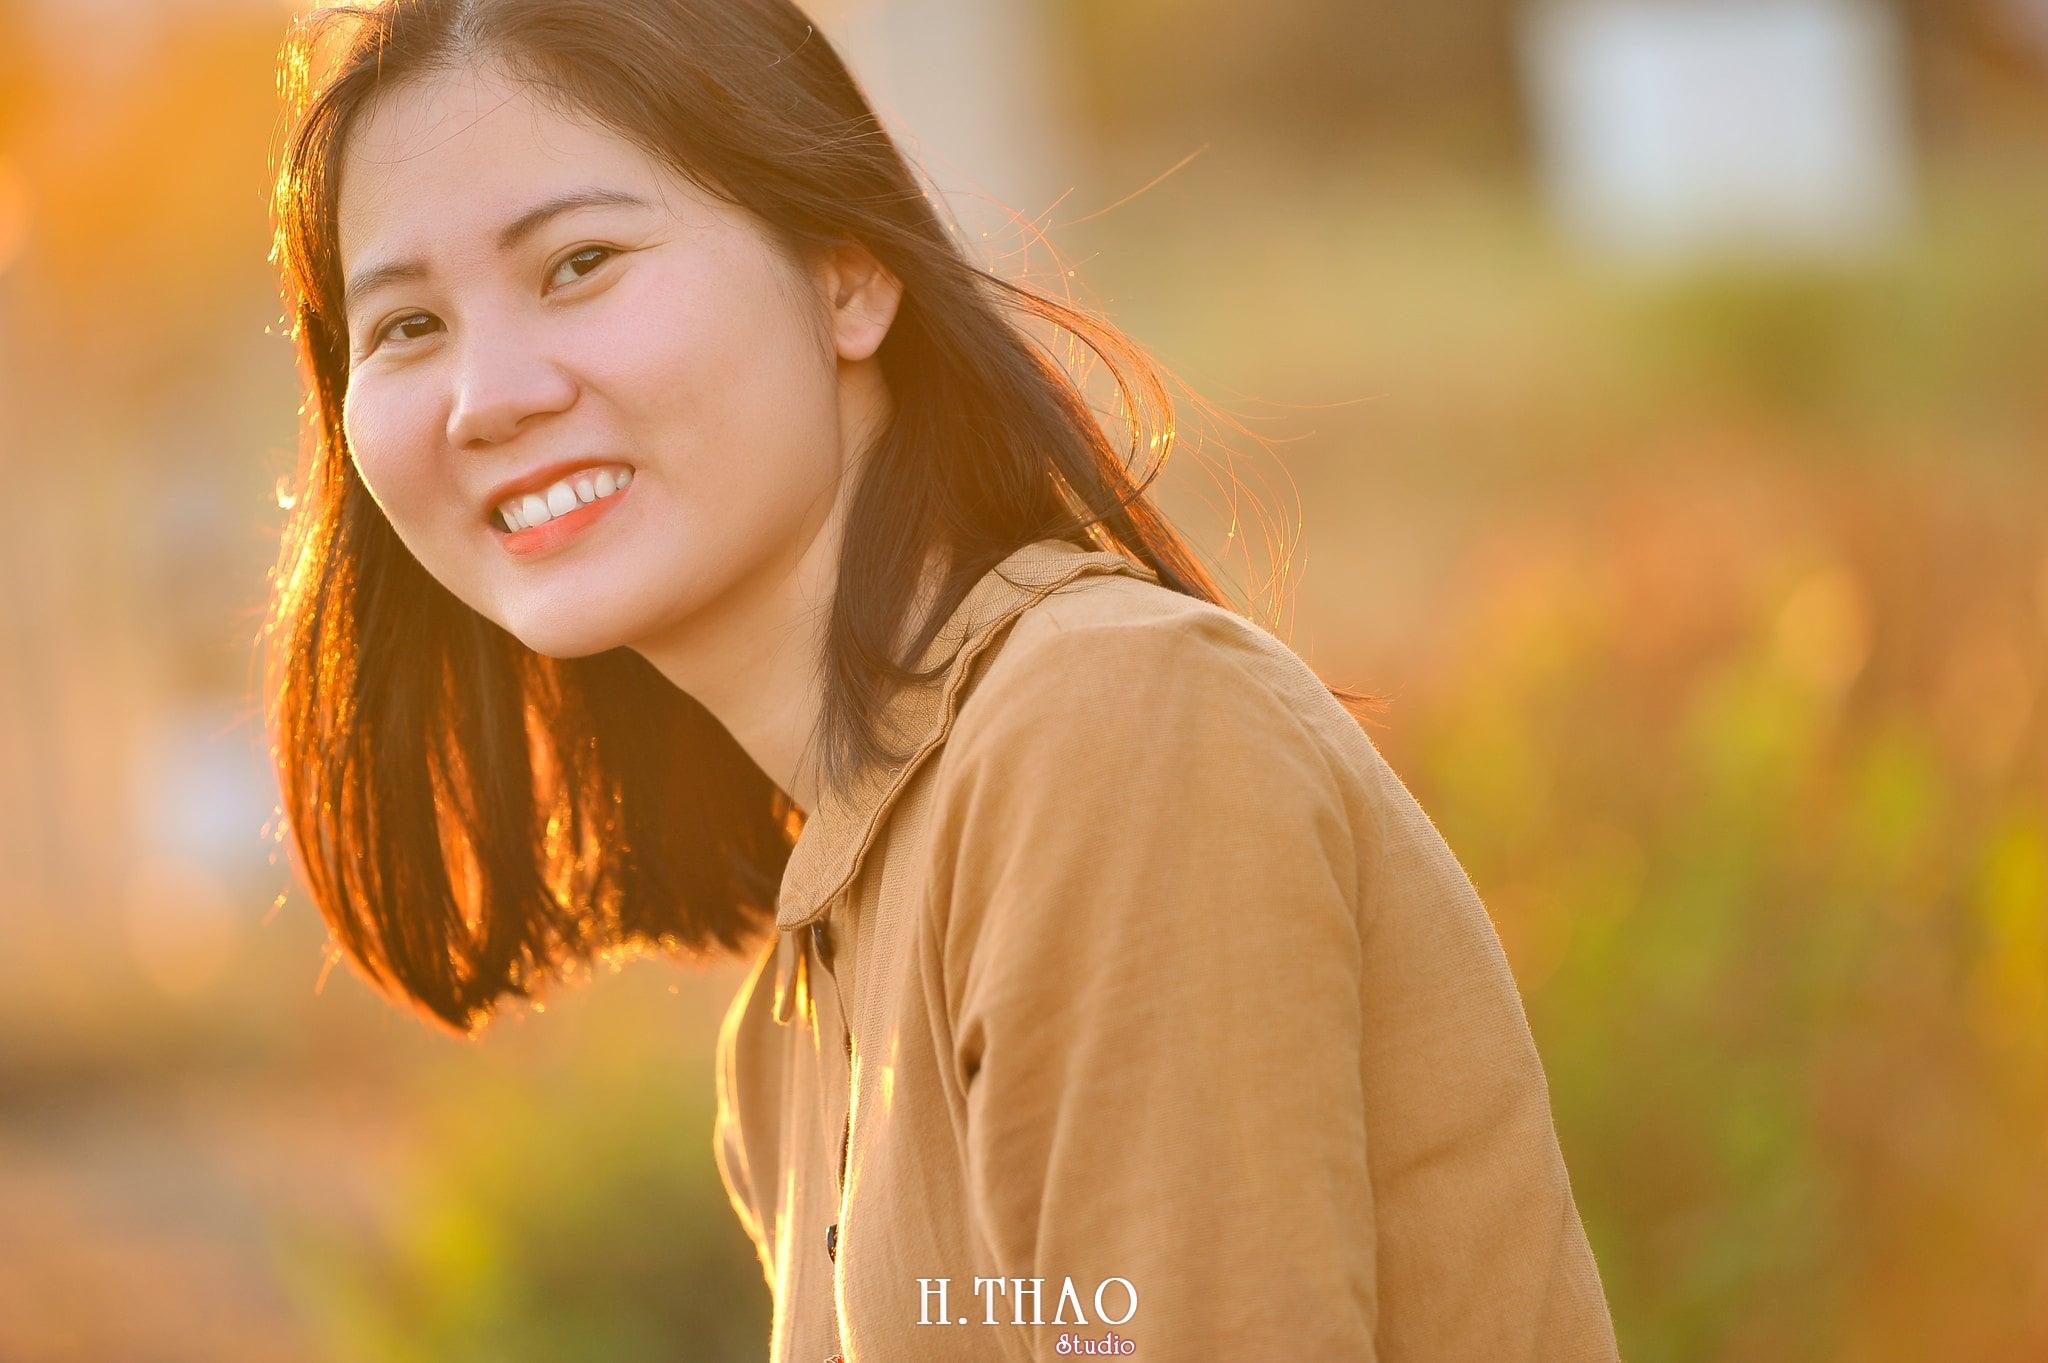 Co lau quan 9 6 min - Góc ảnh cỏ lau quận 2 tuyệt đẹp với nắng chiều - HThao Studio